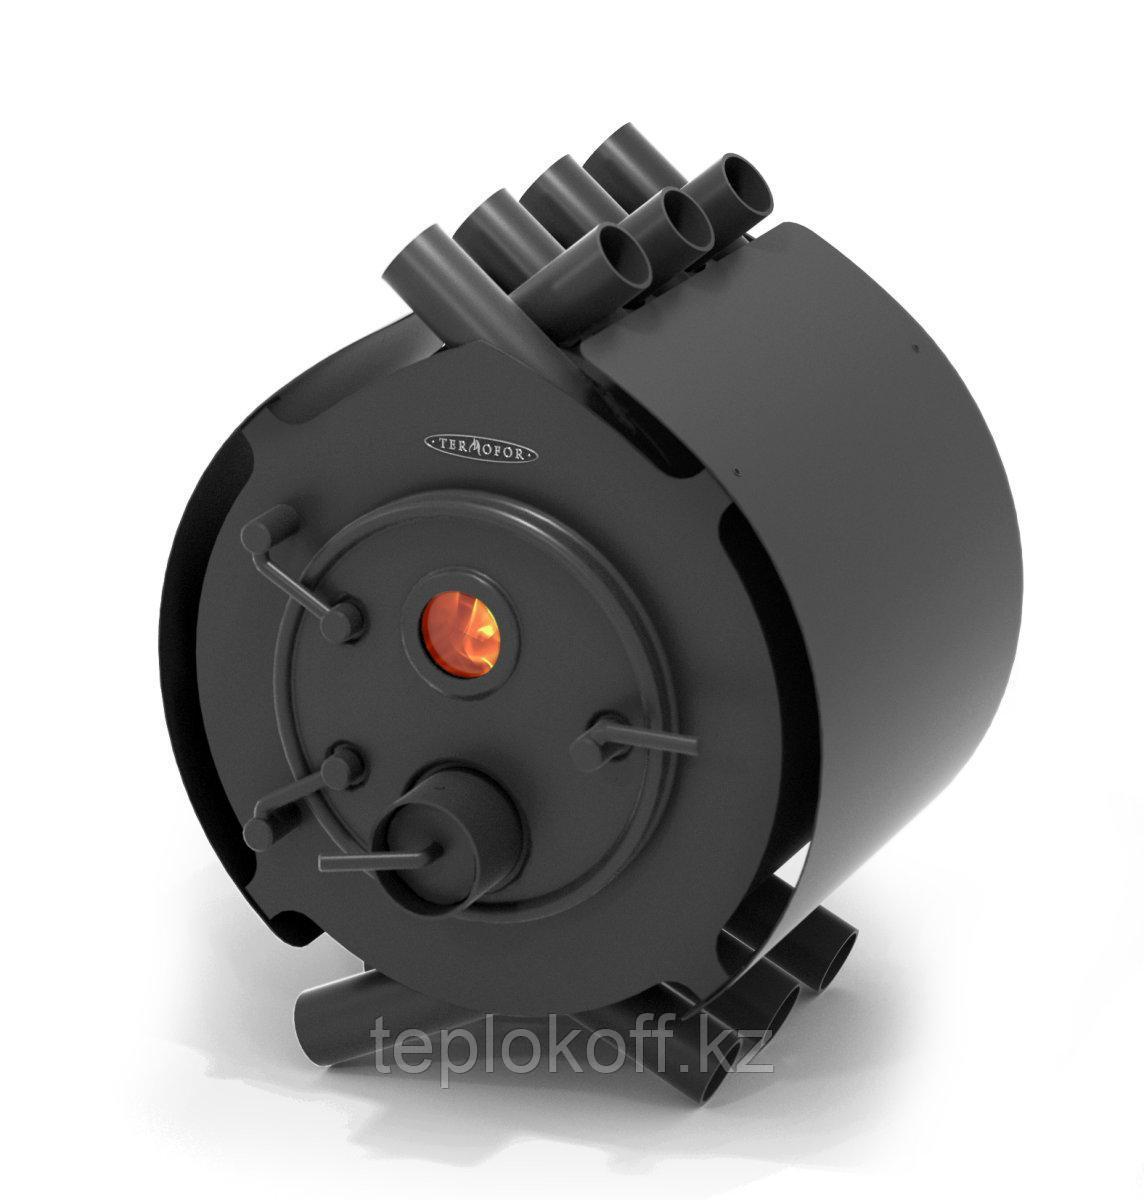 Печь отопительная ТМФ Валериан антрацит 8 кВт